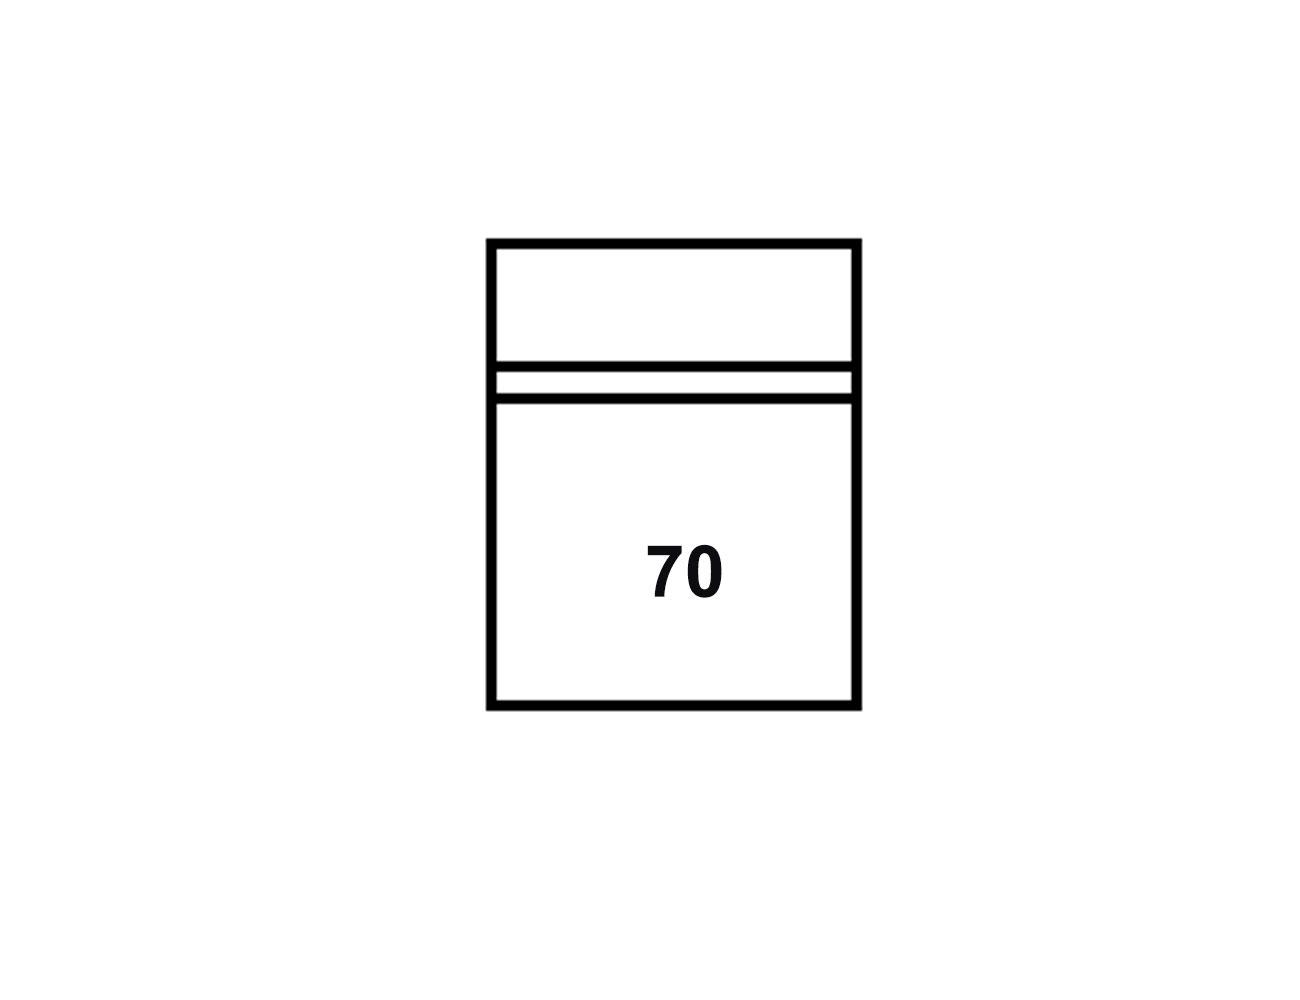 Modulo 1p 70